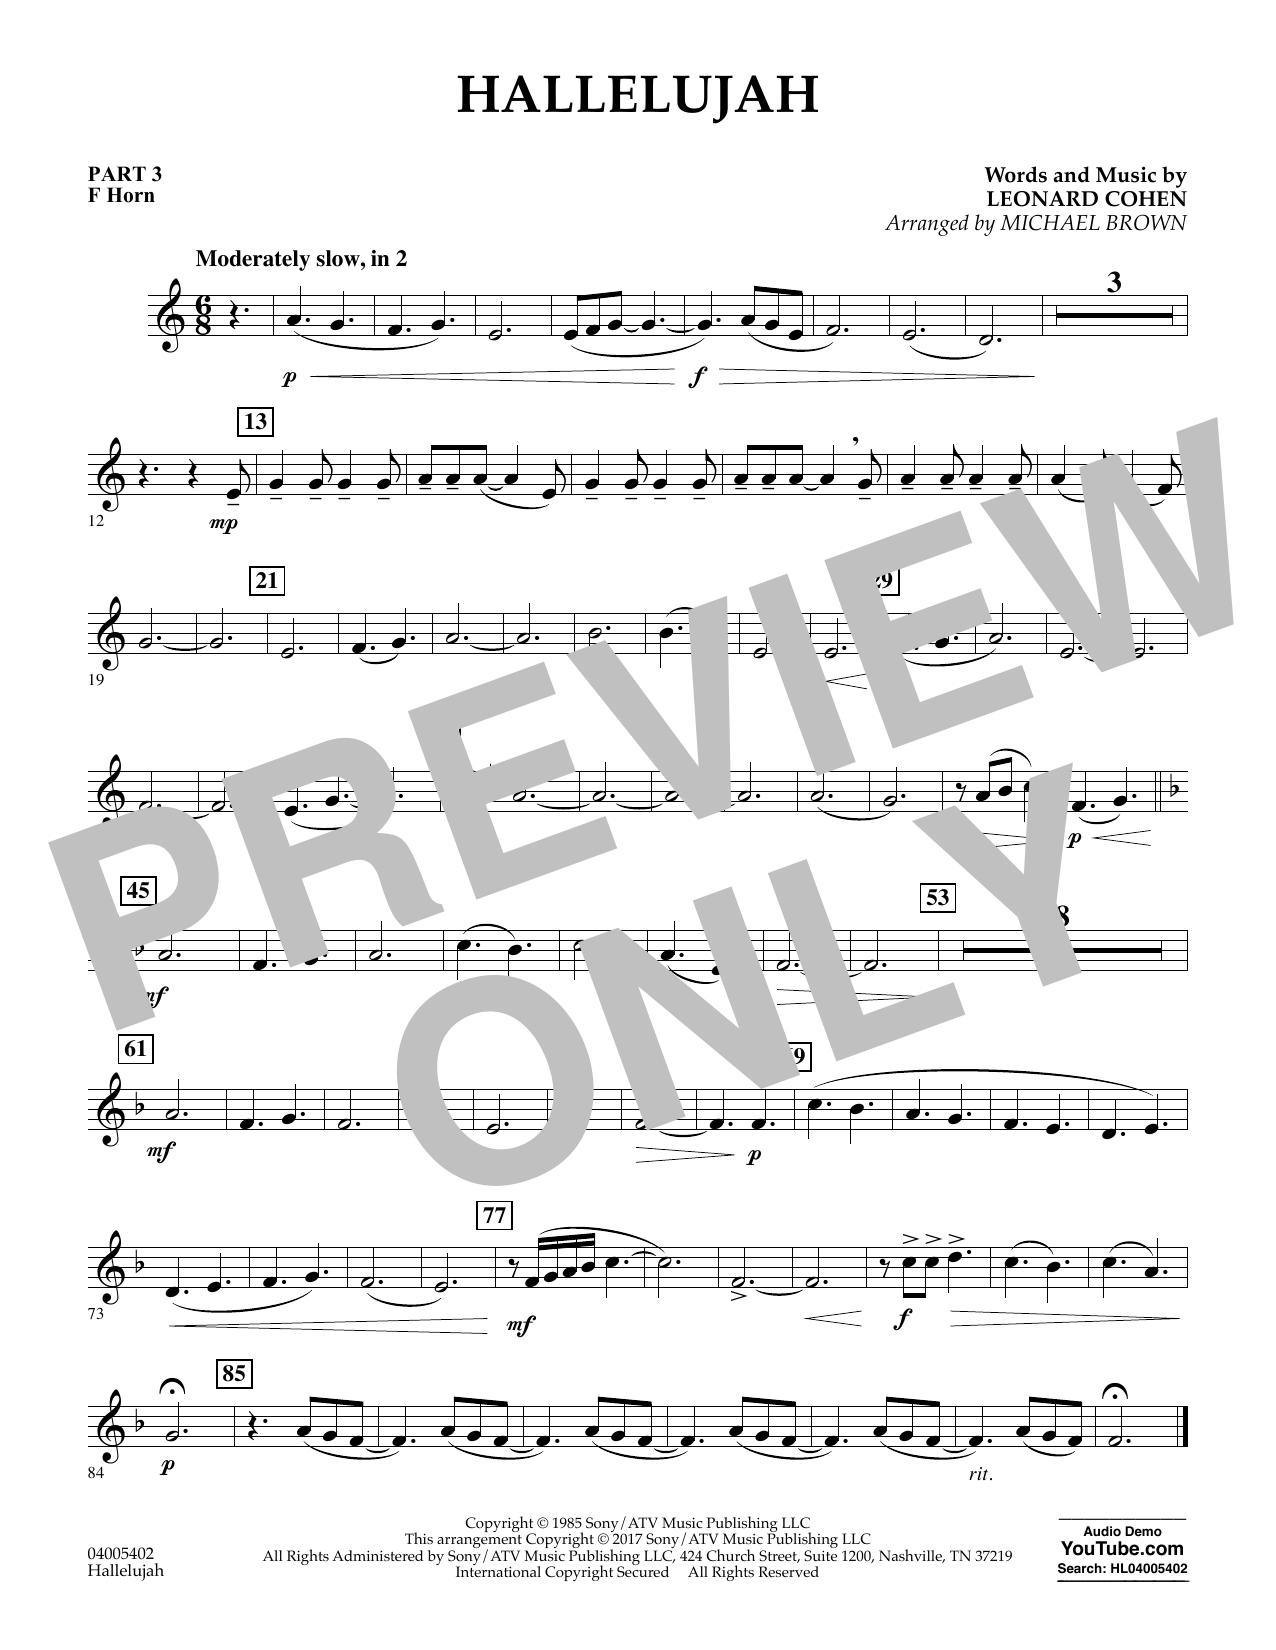 Hallelujah - Pt.3 - F Horn (Flex-Band)